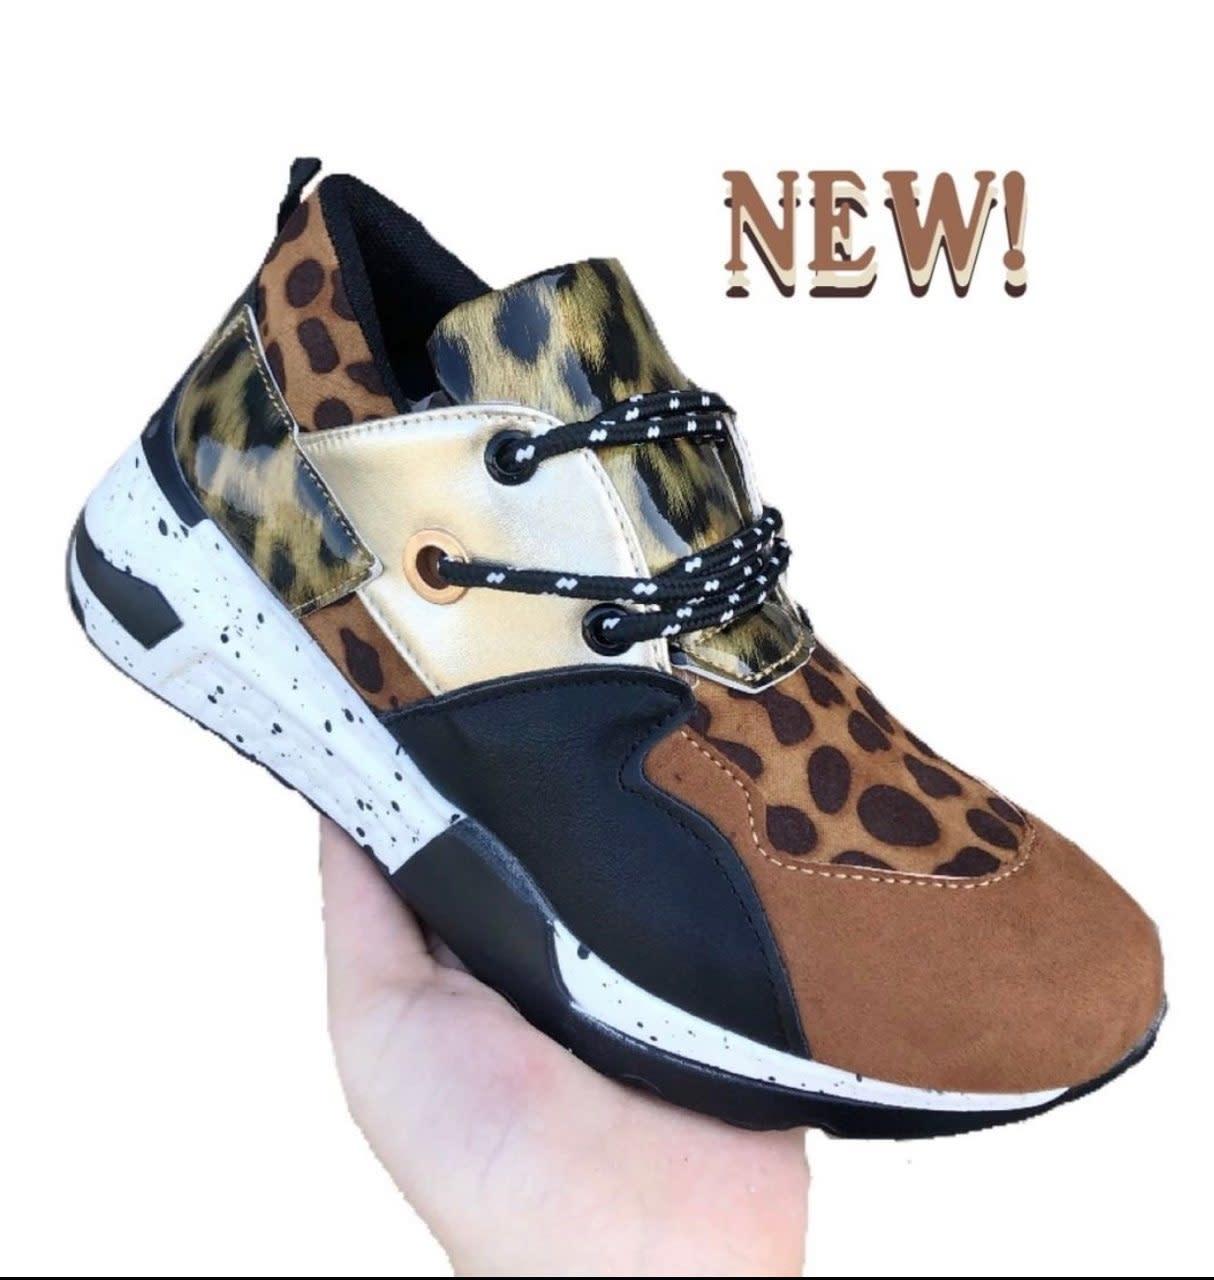 Boujee Sneaker